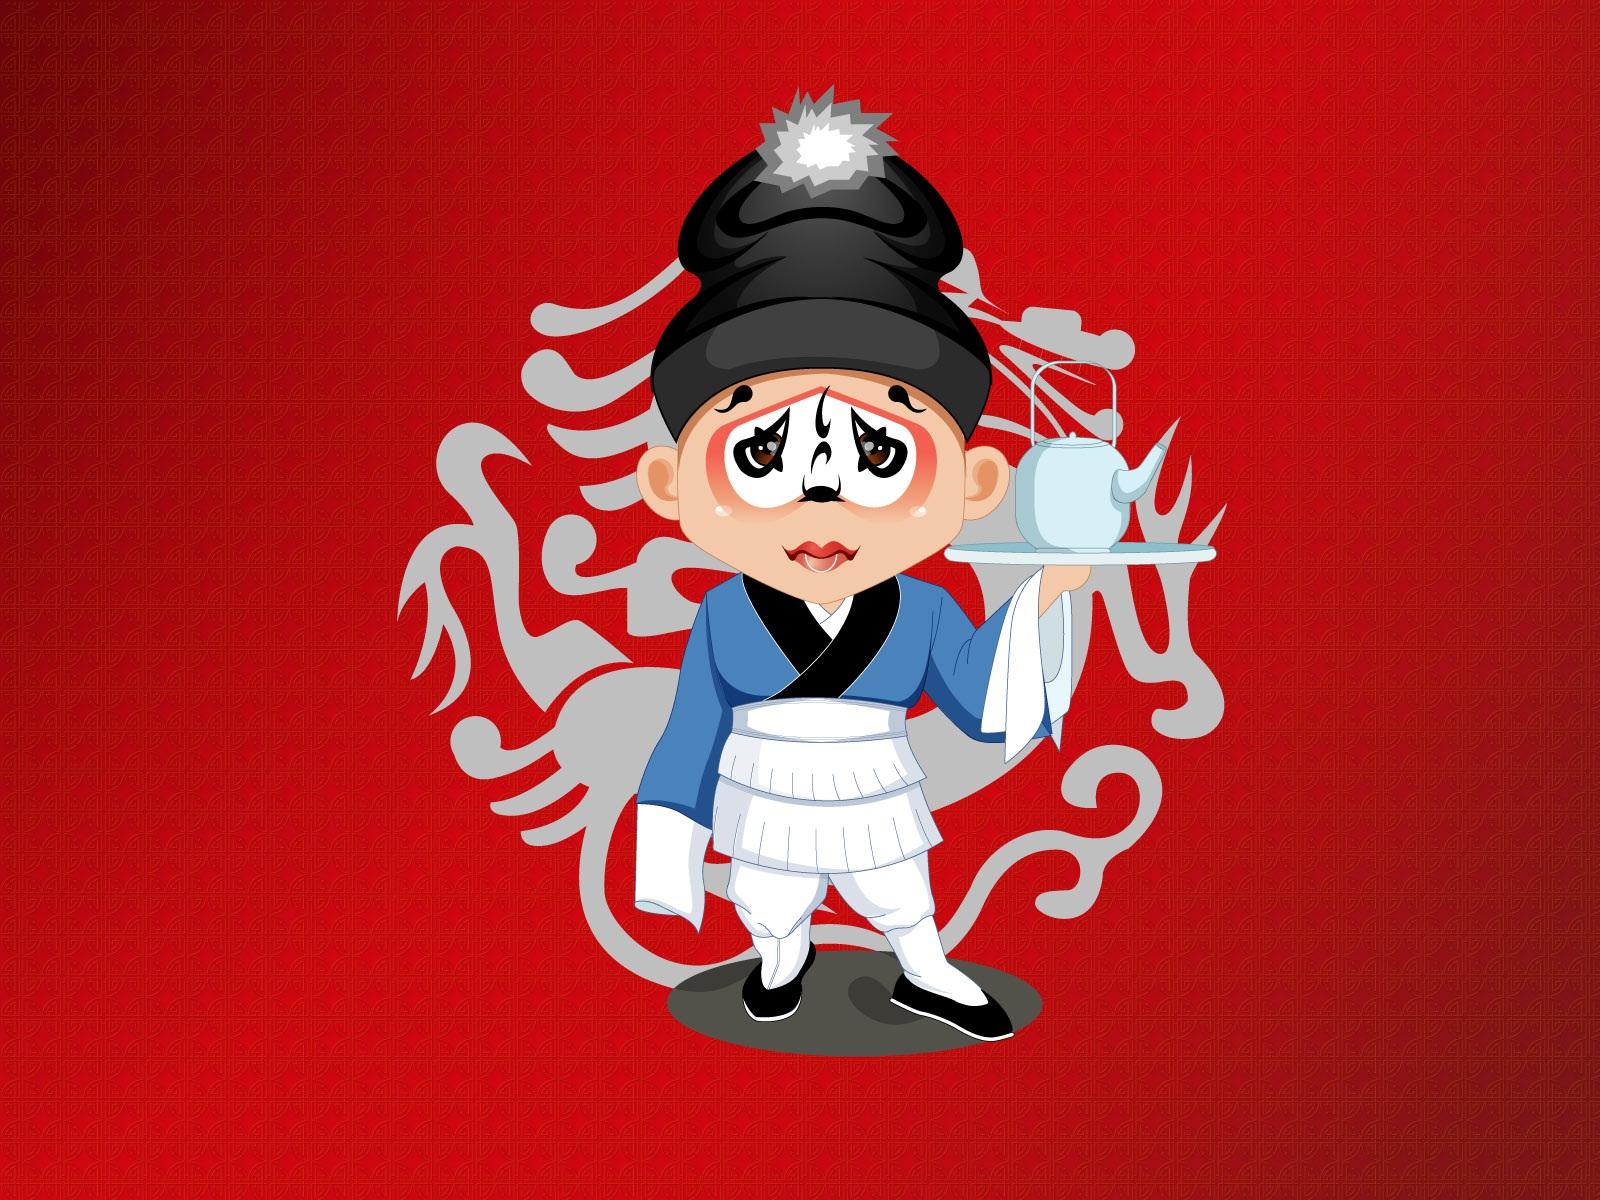 http://2.bp.blogspot.com/-zDWSyx-a4SM/T5JgtbO3XmI/AAAAAAAAAKc/gxIcDCfh1ME/s1600/Beijing+Opera15.jpg